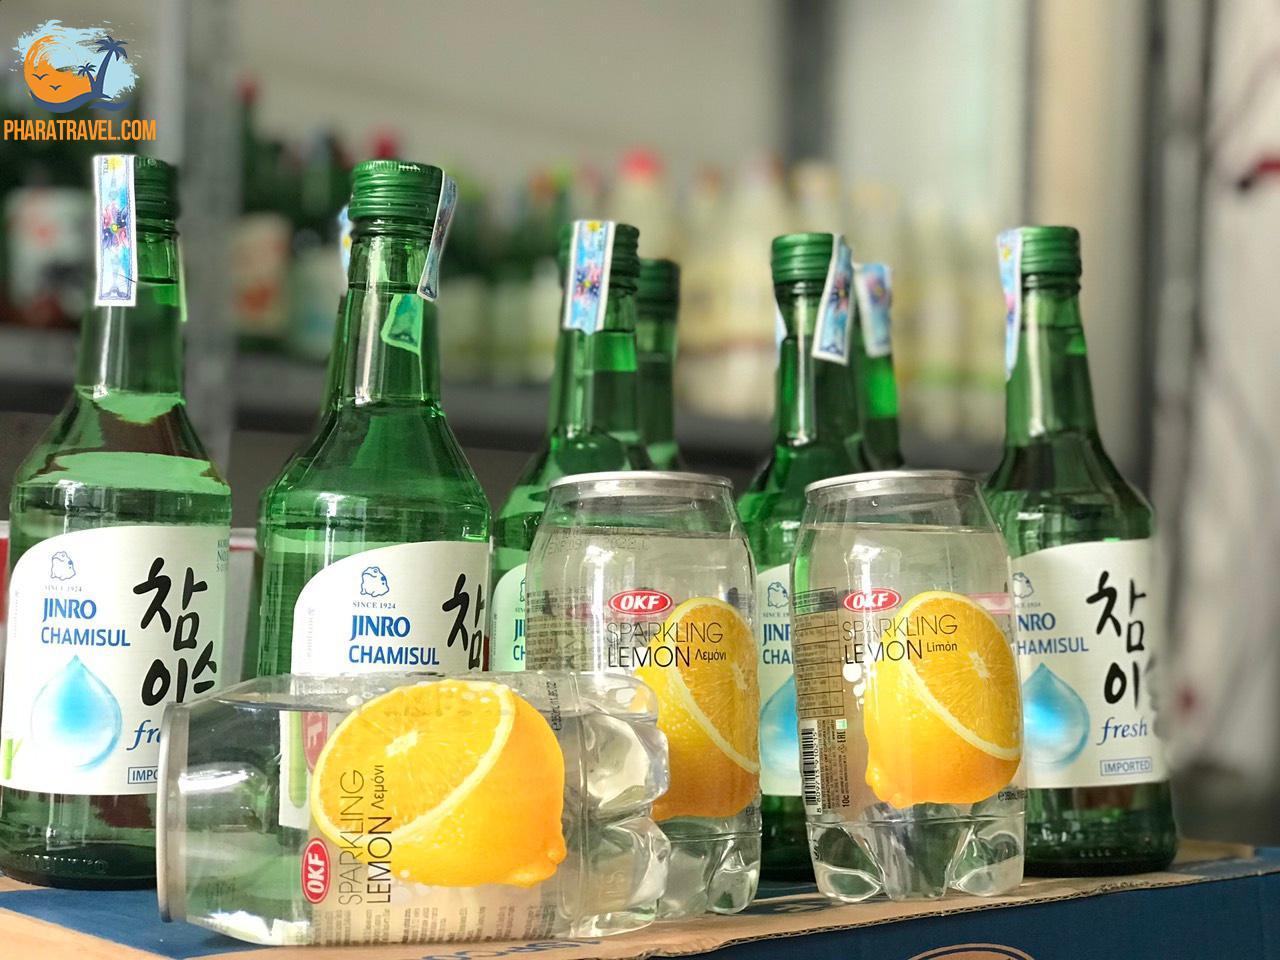 Rượu soju Phan Rang giá bao nhiêu? Rượu soju hàn quốc có những loại nào?